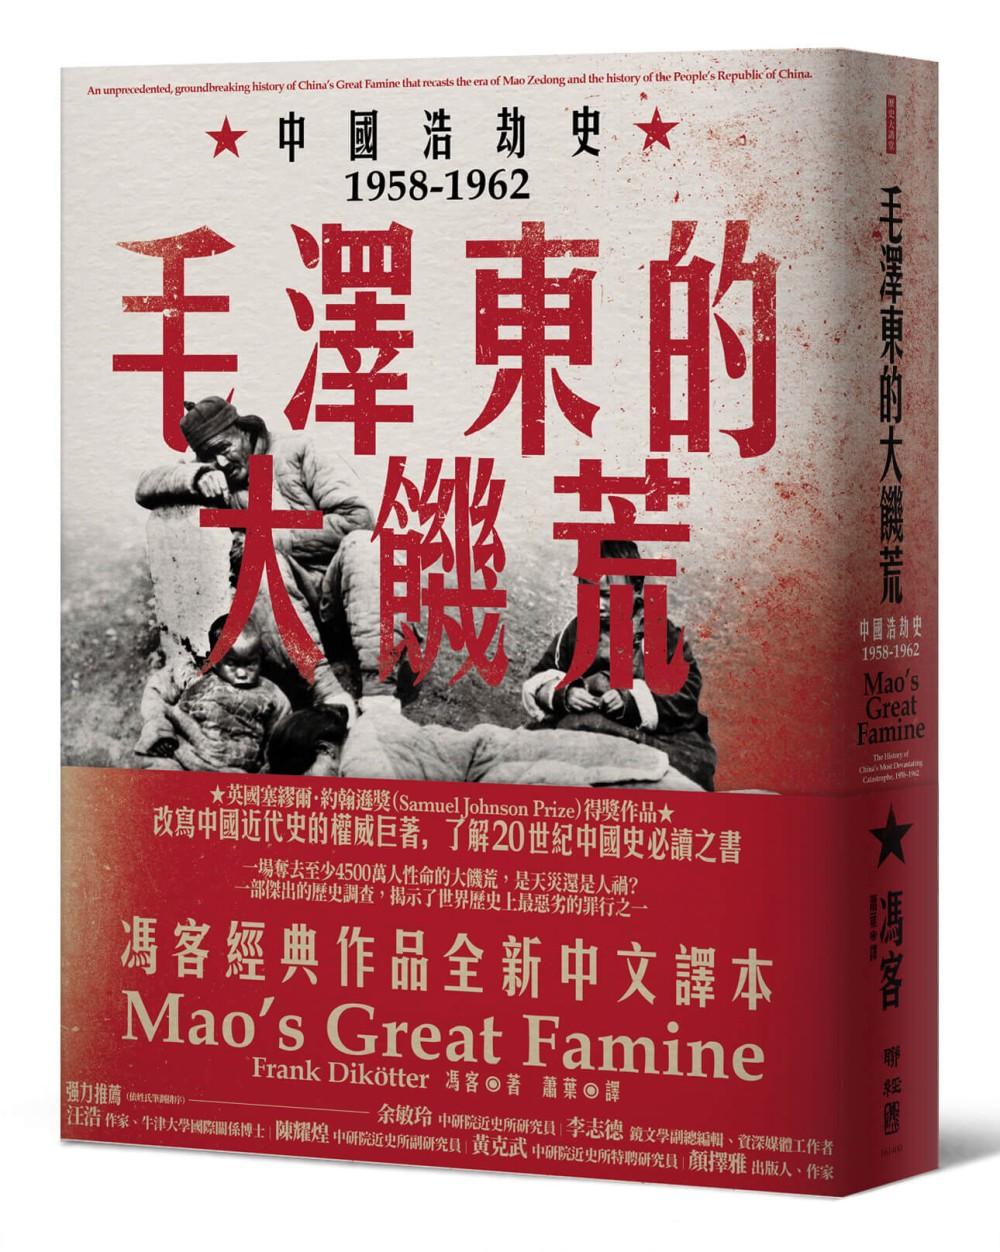 毛澤東的大饑荒:中國浩劫史1958-1962(當代中國史學家馮客三部曲)